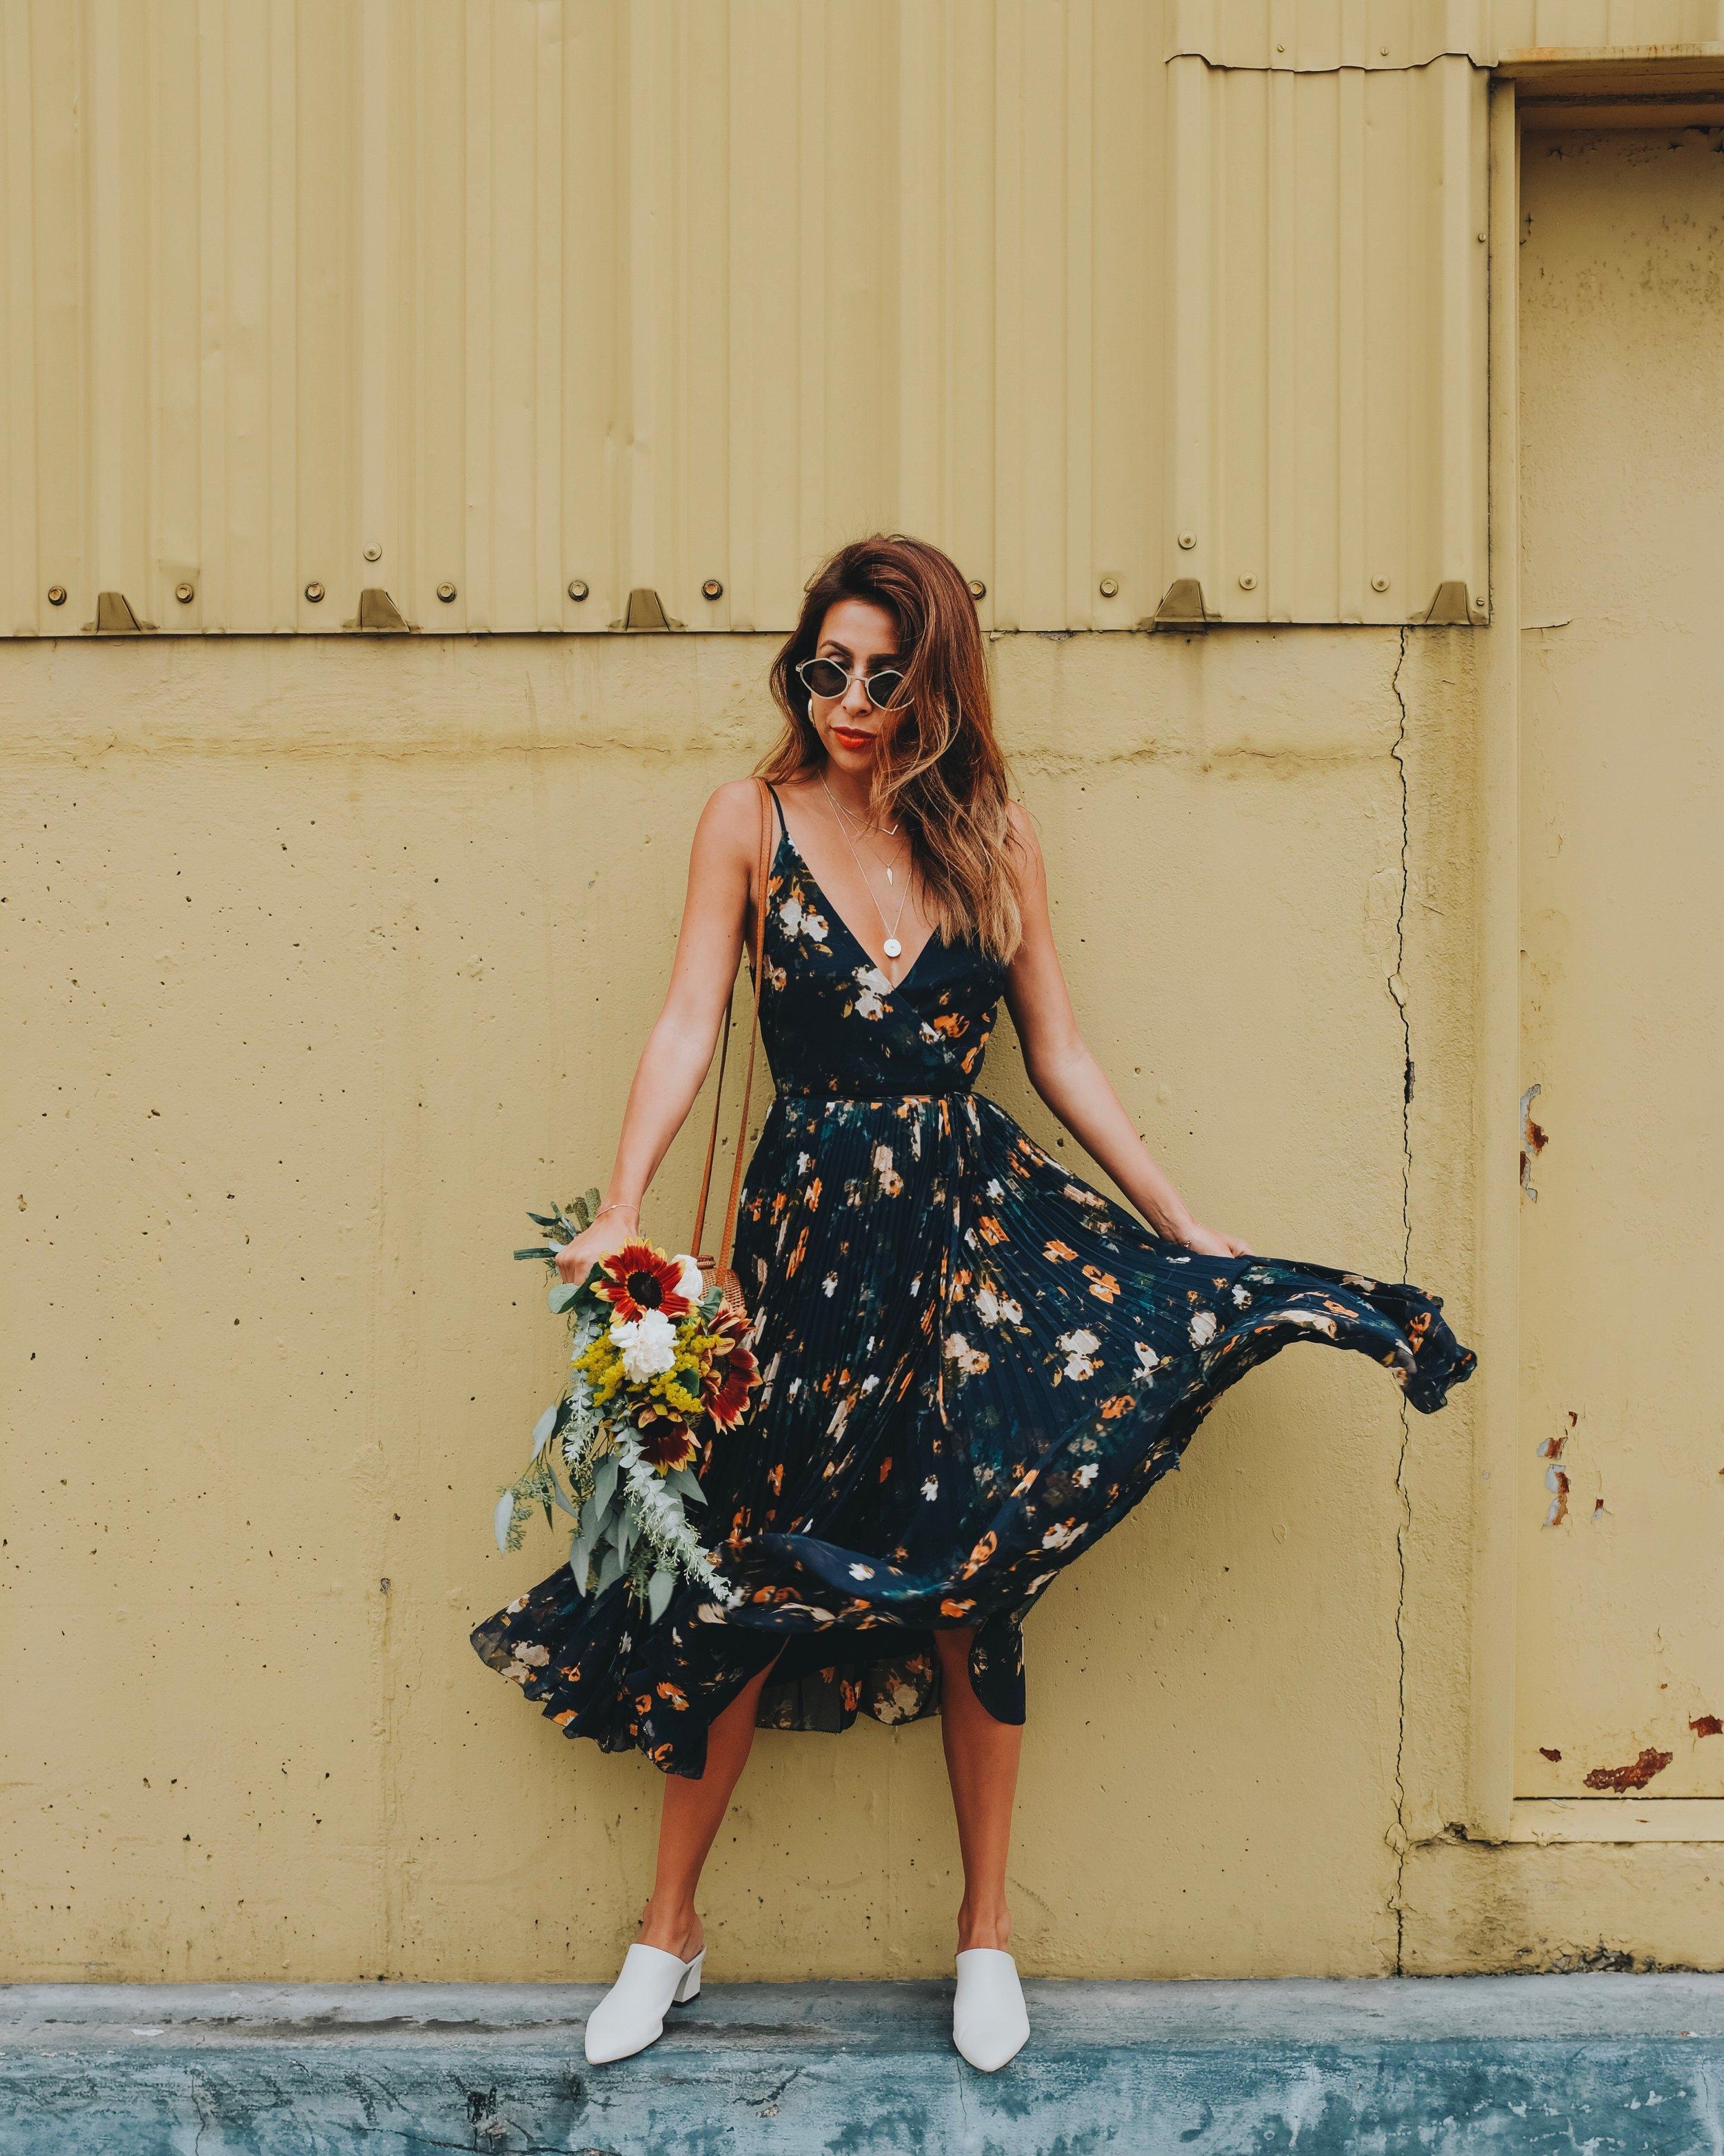 Aritzia Floral Dress + Uncommon James Jewelry - Nashville